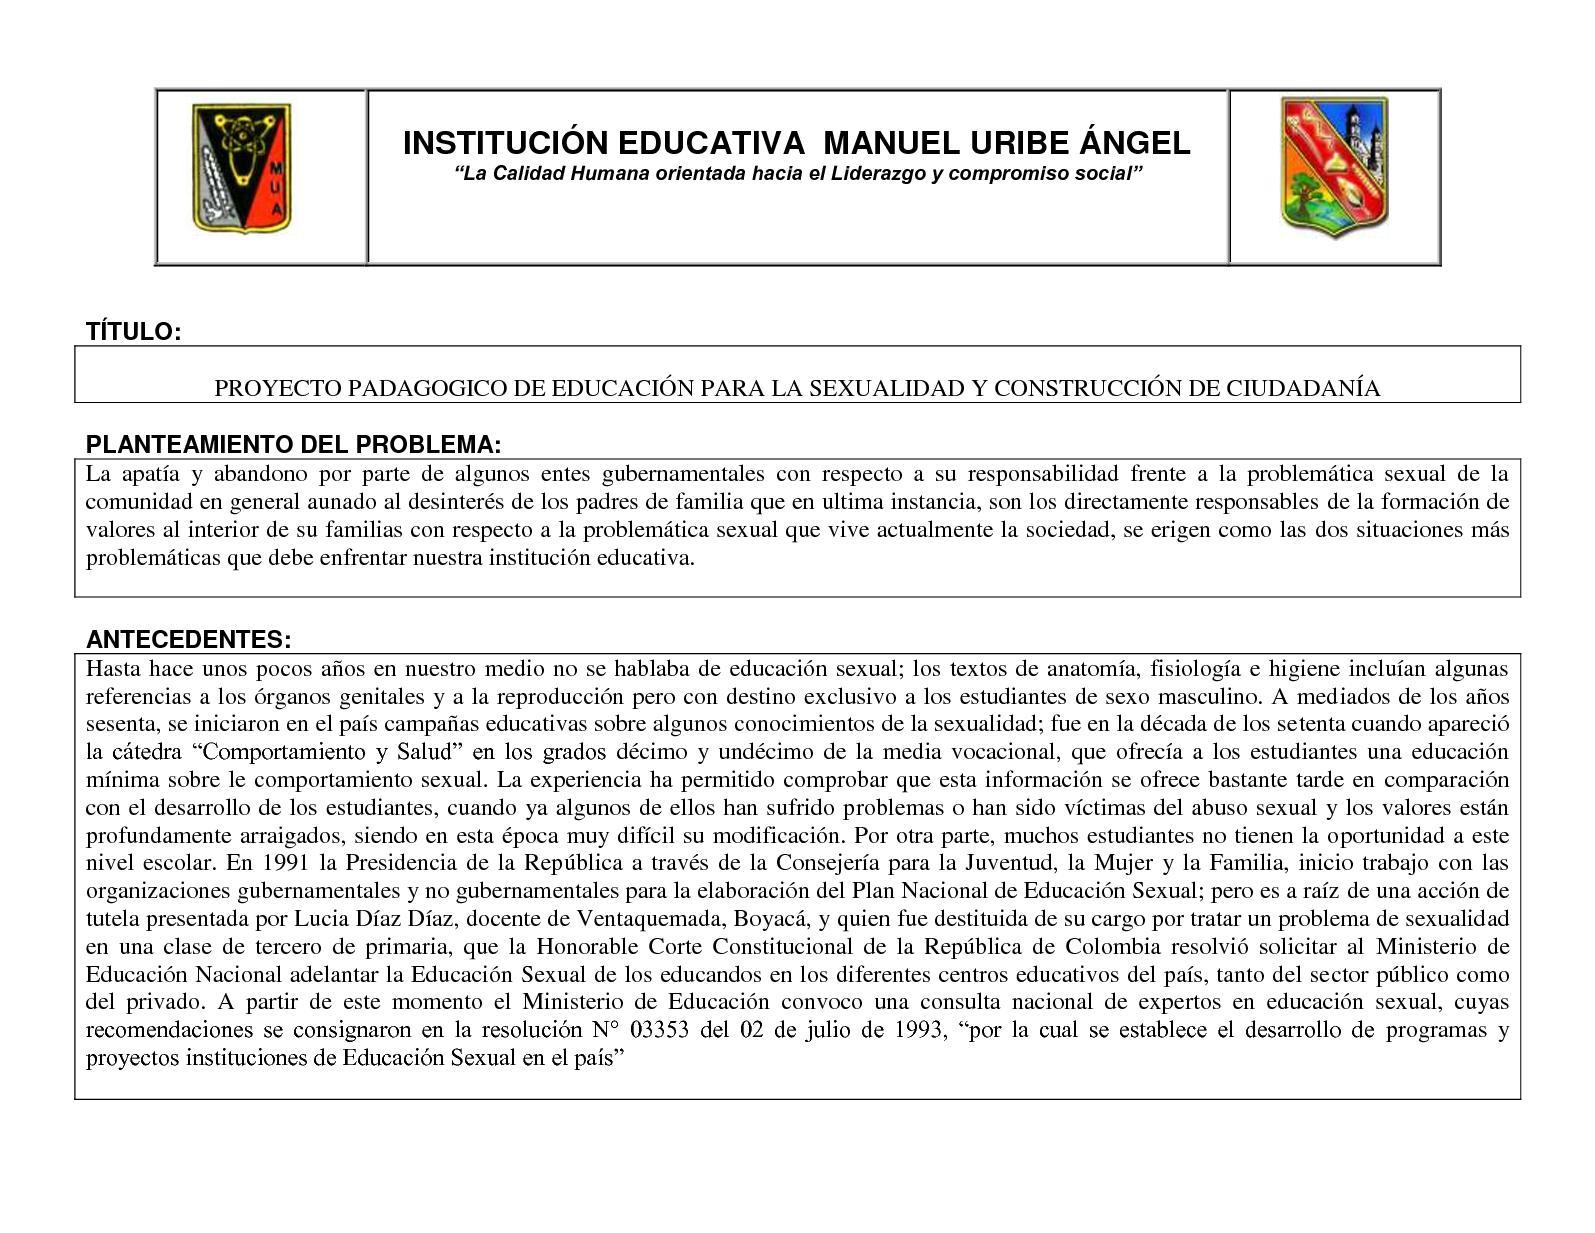 Proyecto Pedagogico De Educacion Sexual Y Construccion De Ciudadania